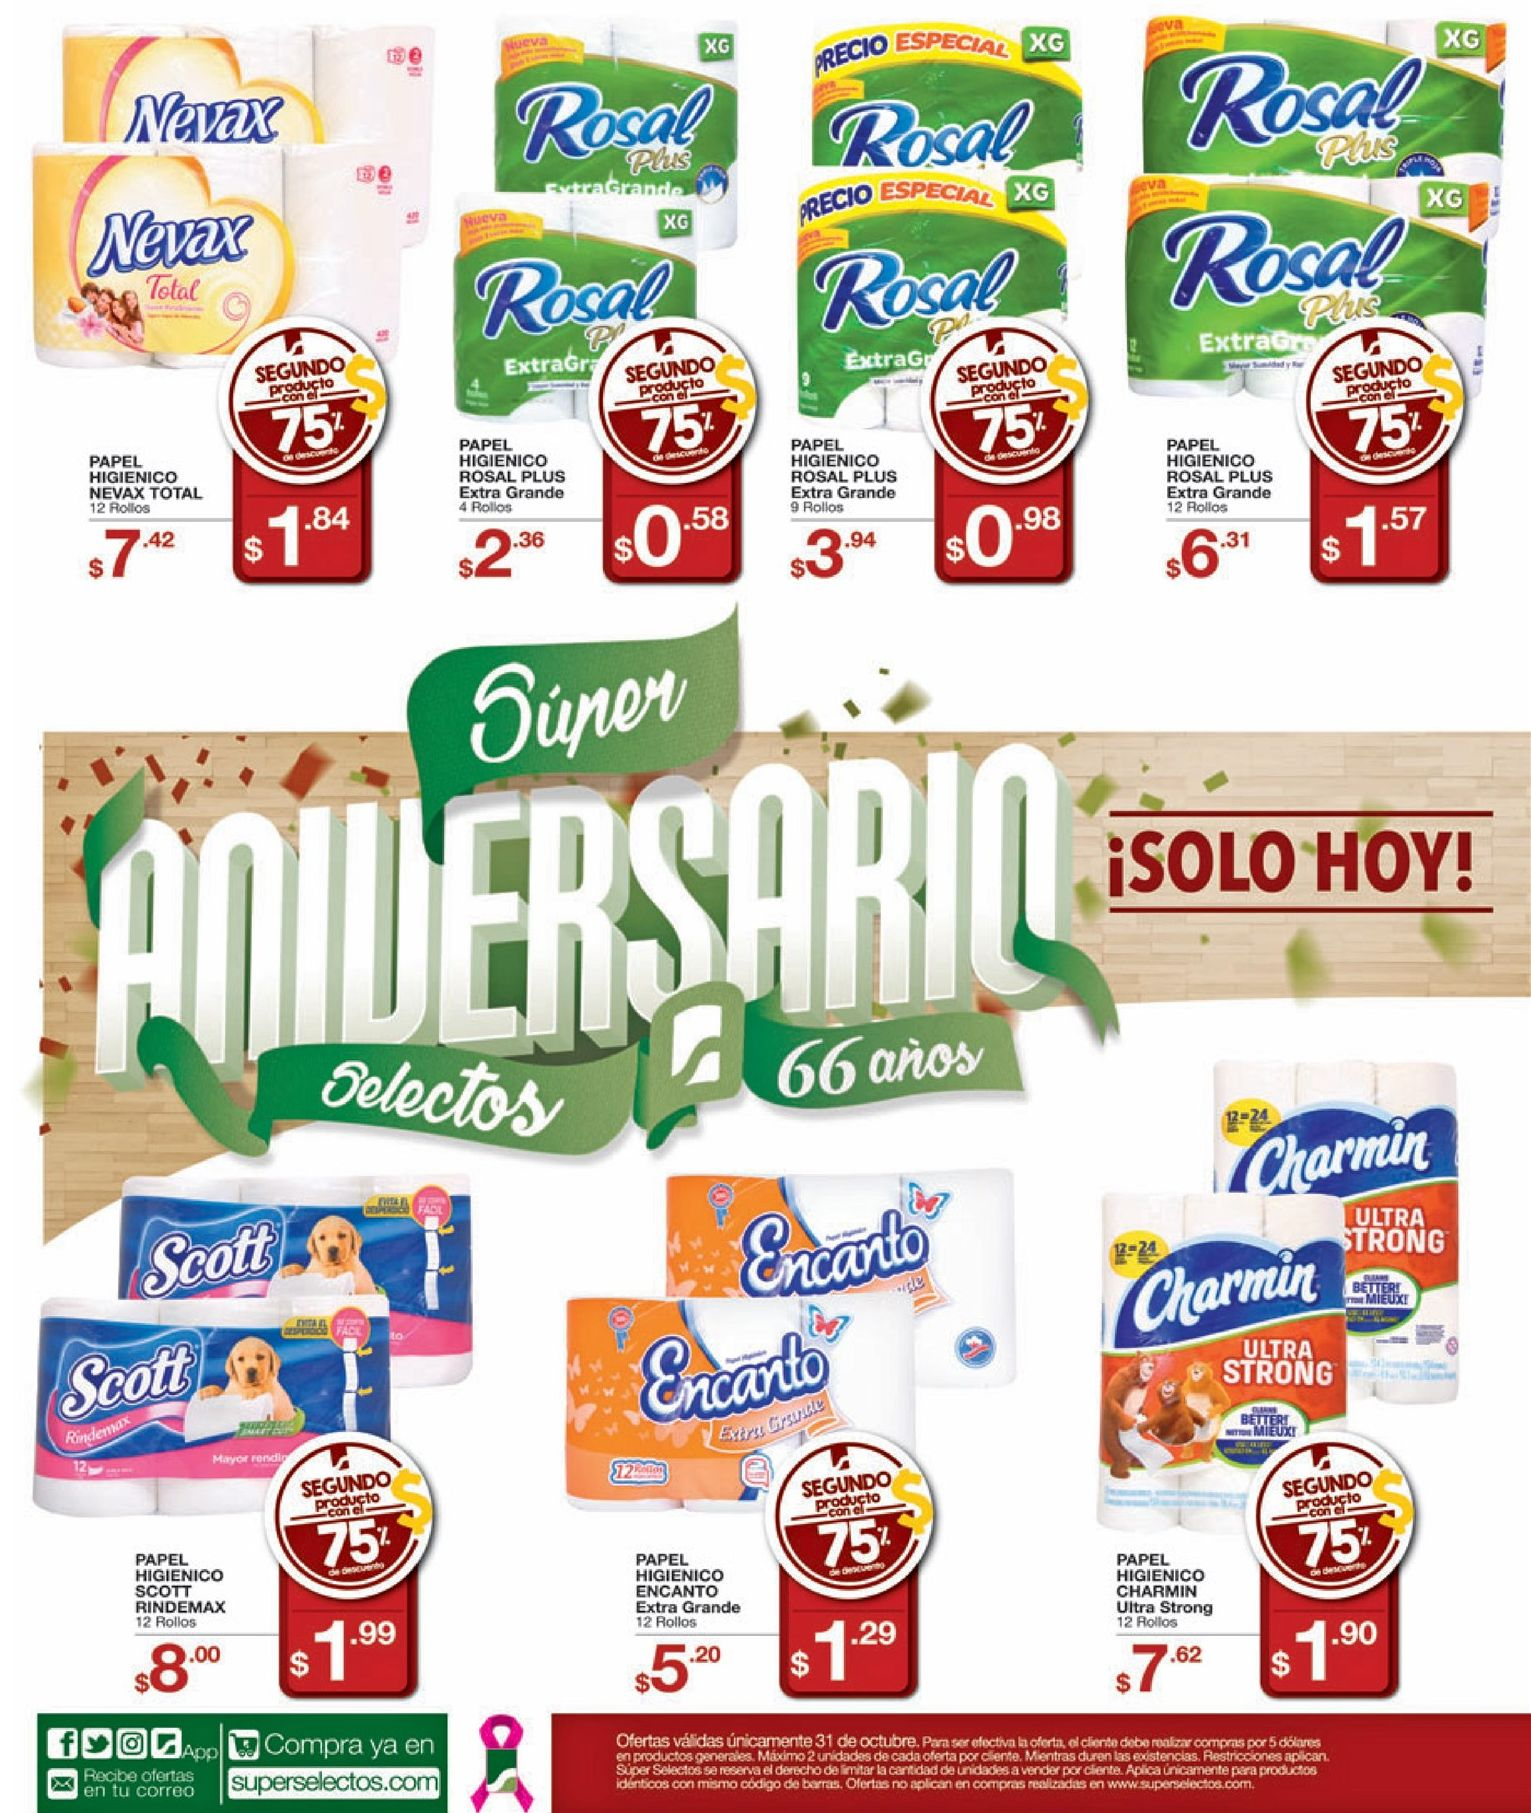 papel-higienico-en-oferta-ahora-lunes-31-de-octubre-en-el-selectos